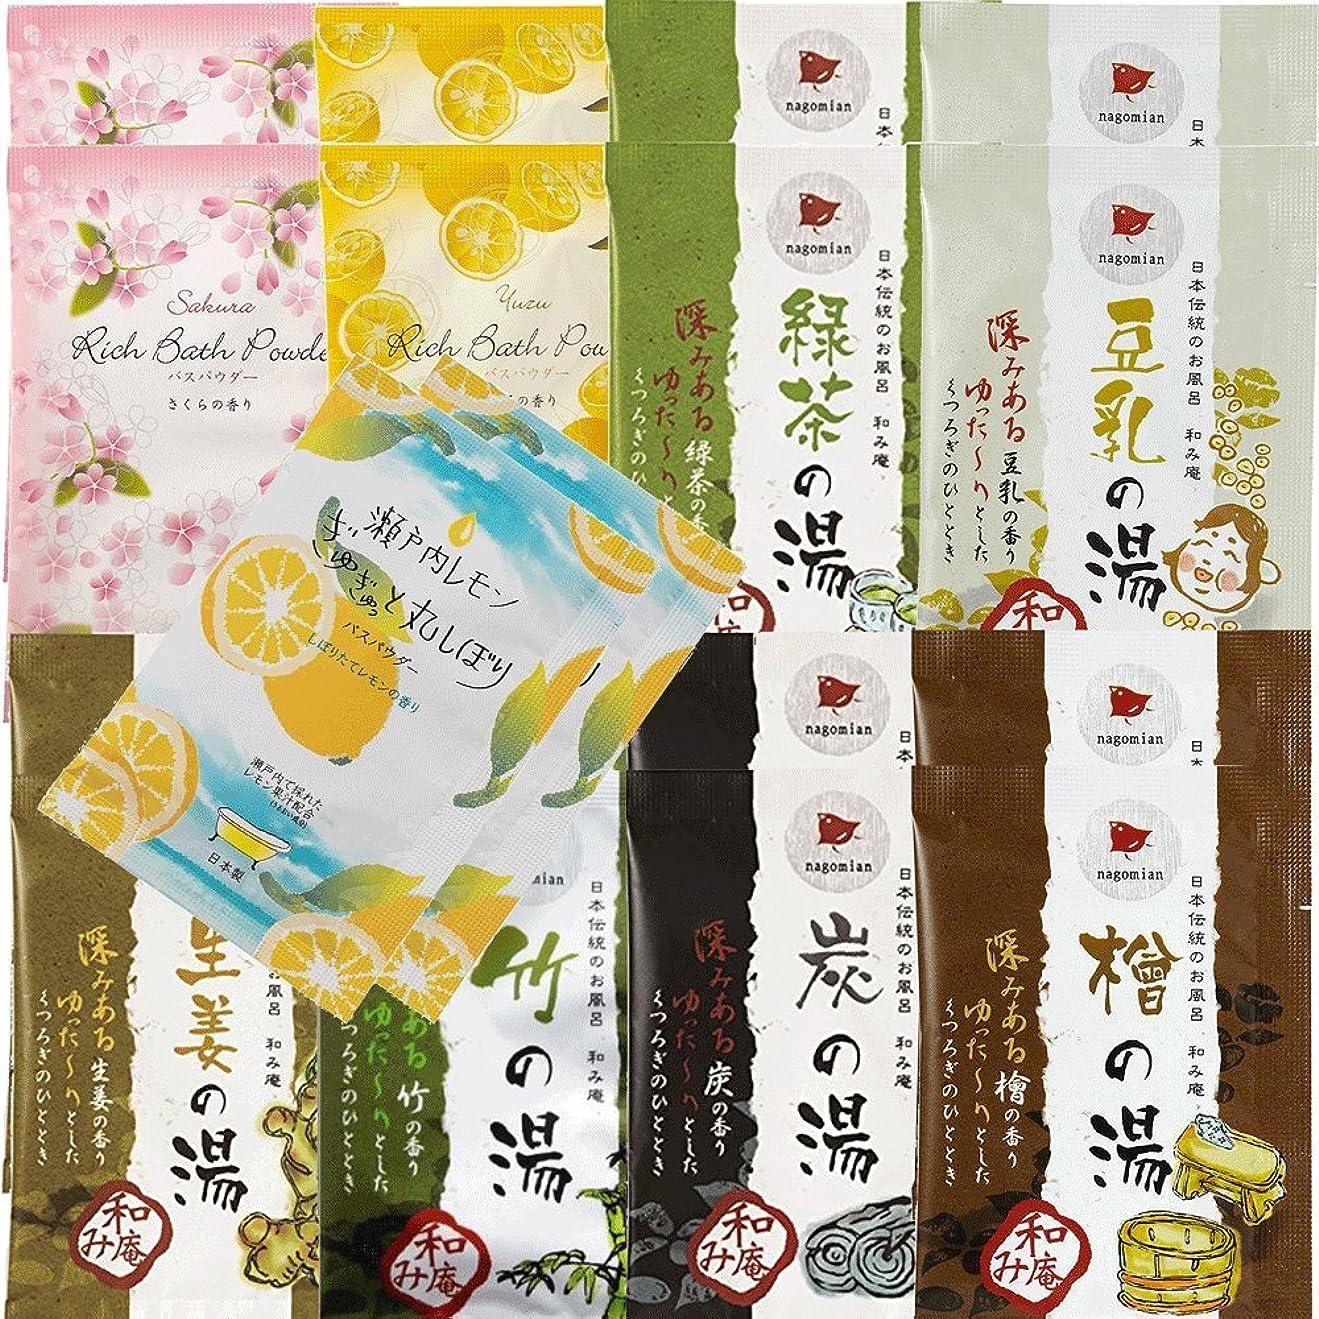 生き残り勉強する本能日本伝統のお風呂 和み庵 6種類×2 + バスパウダー 3種類×2セット 和風入浴剤 18包セット